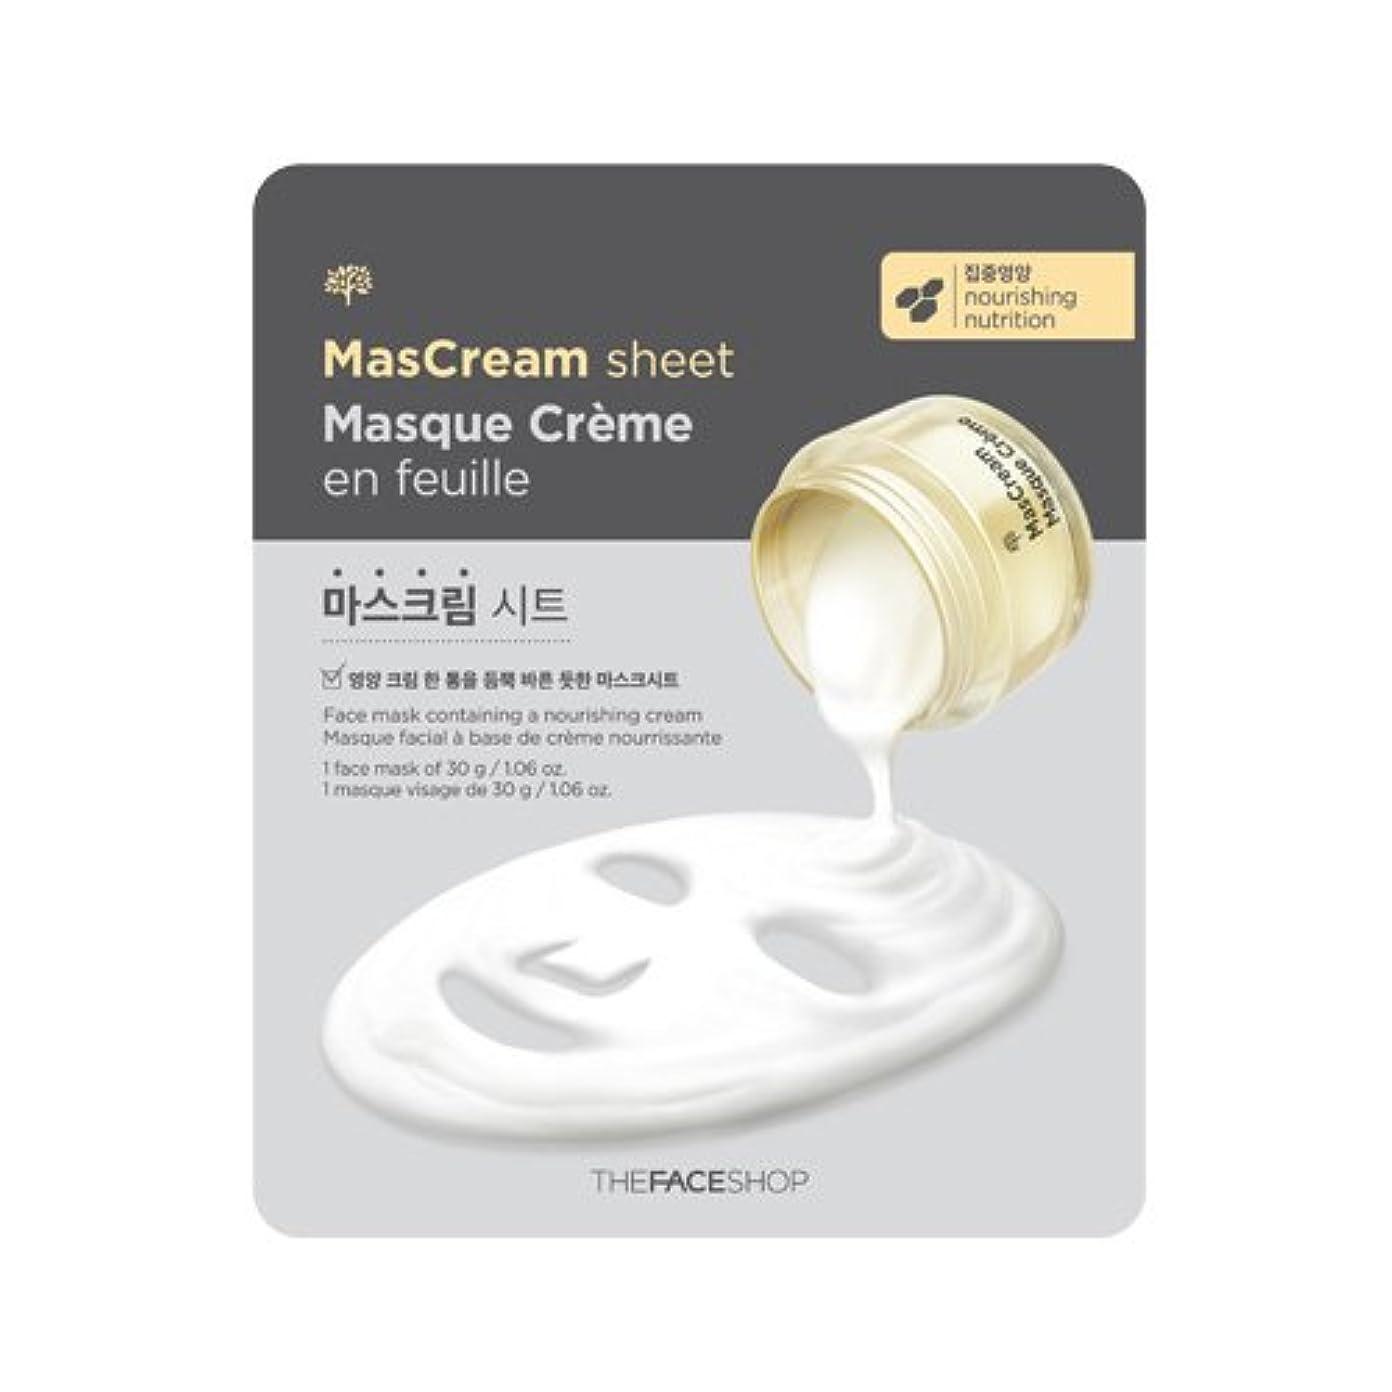 倉庫コピー冷蔵するザフェイスショップ [THE FACE SHOP] MASCREAM SHEET x 2sheets マスクリームパック 2枚 (栄養 / NOURISHING) [並行輸入品]